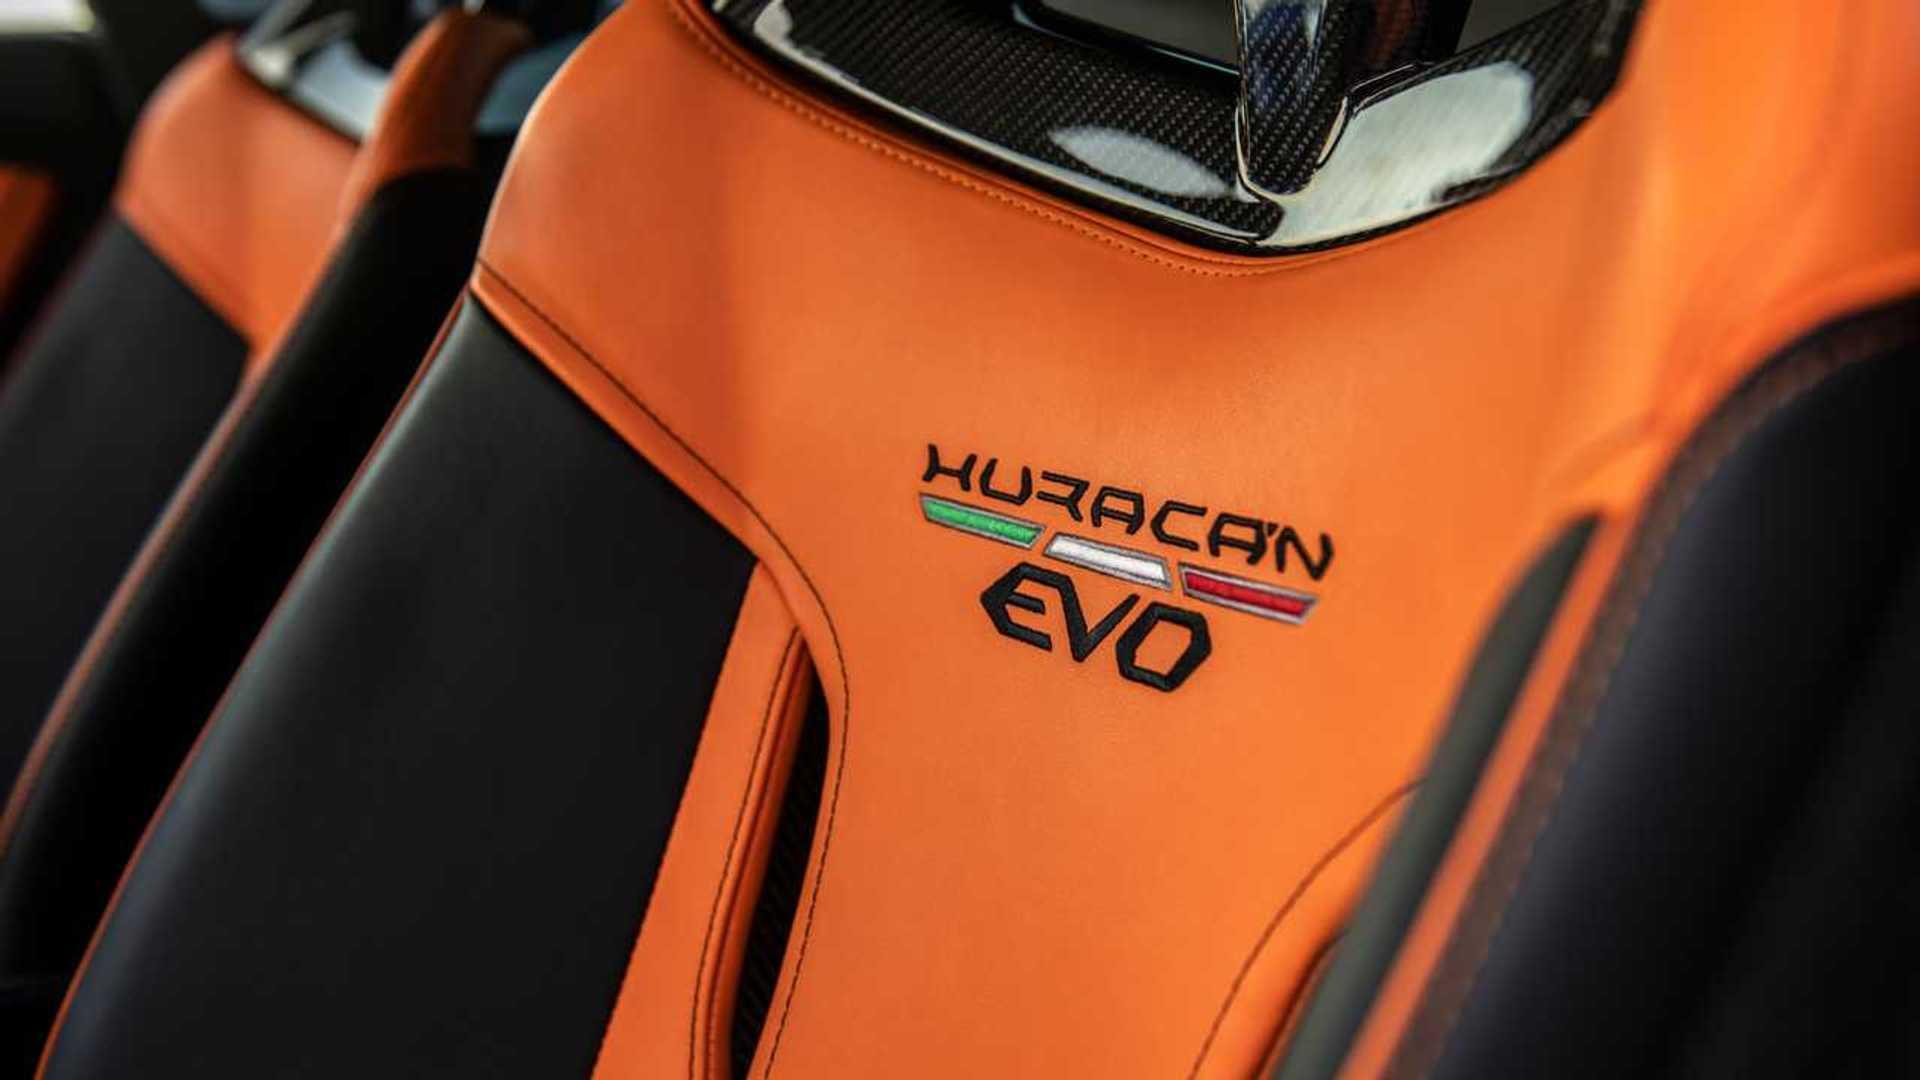 2020 Lamborghini Huracan Evo RWD seat detail